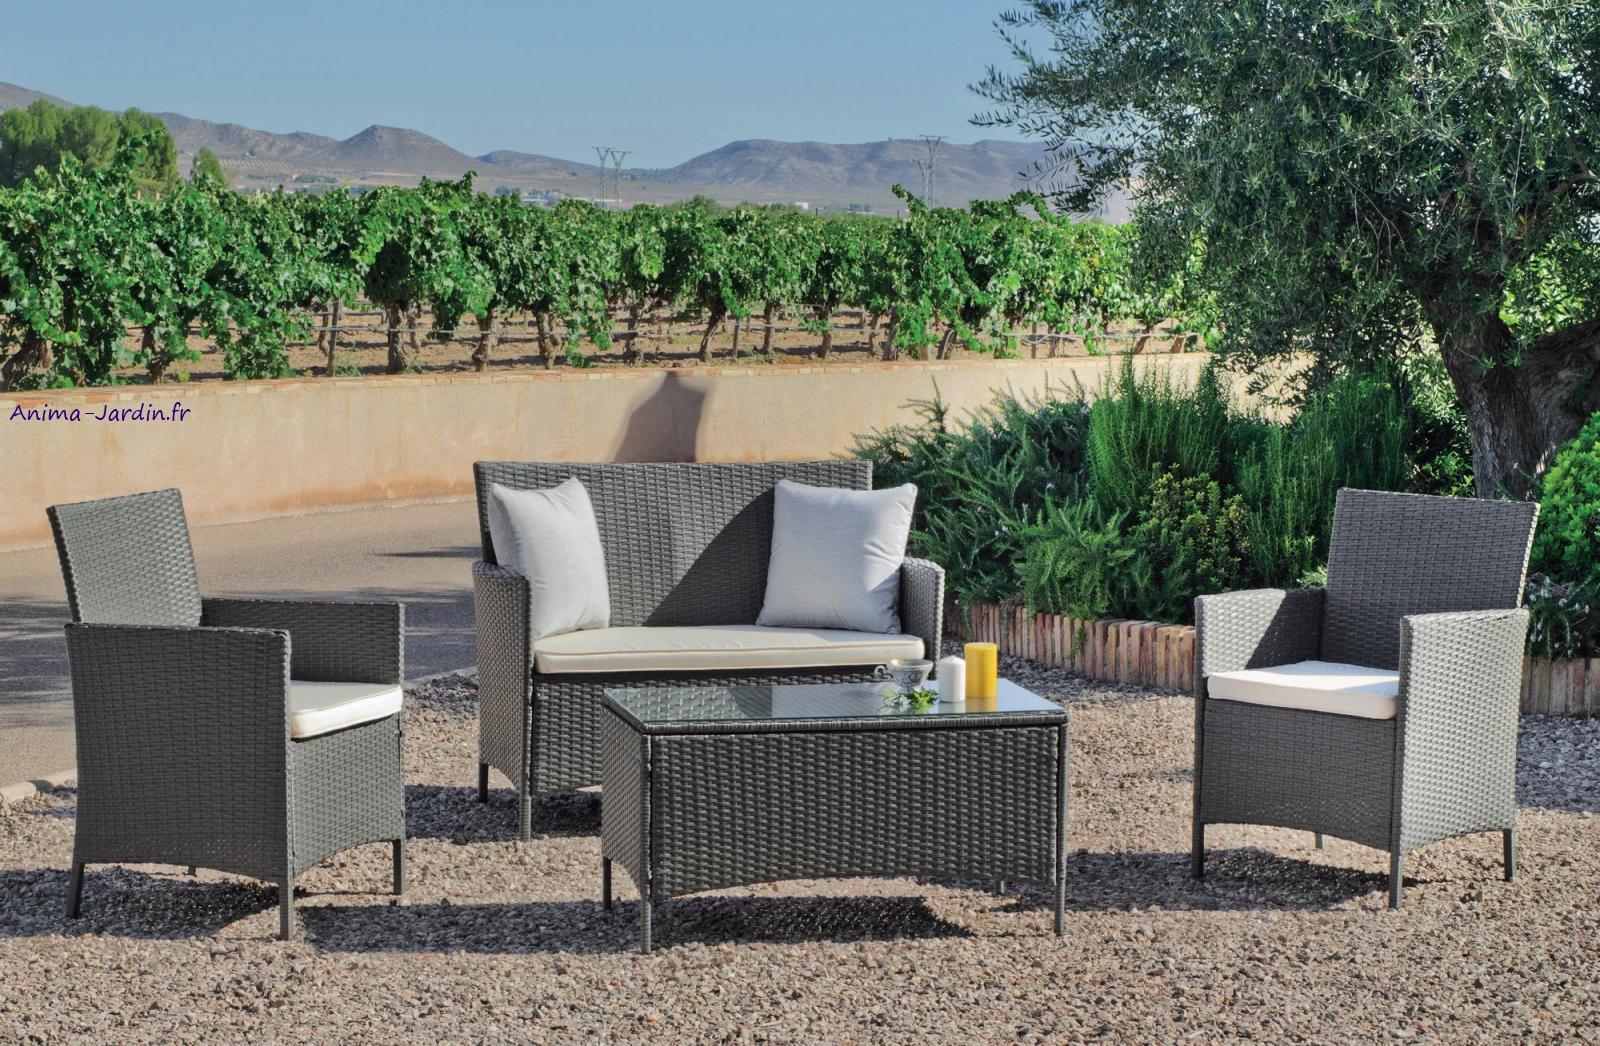 salon de jardin bas en r sine tress e gris p n lope avec coussins pas cher. Black Bedroom Furniture Sets. Home Design Ideas